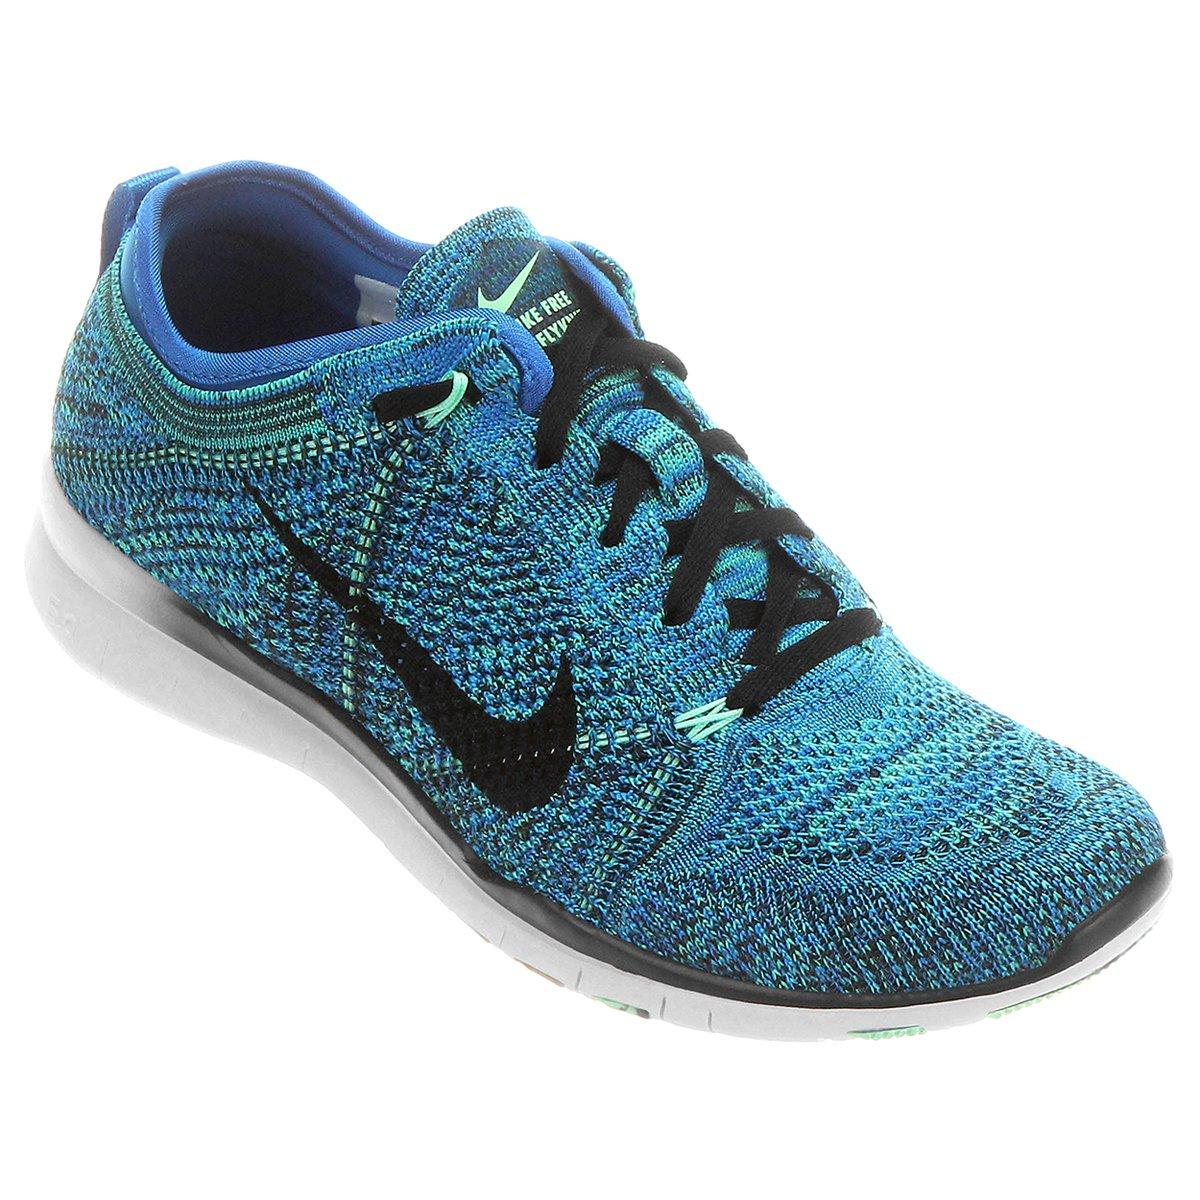 new products 5ca64 d0b04 Tênis Nike Free 5.0 TR Fit 5 Knit - Azul Turquesa